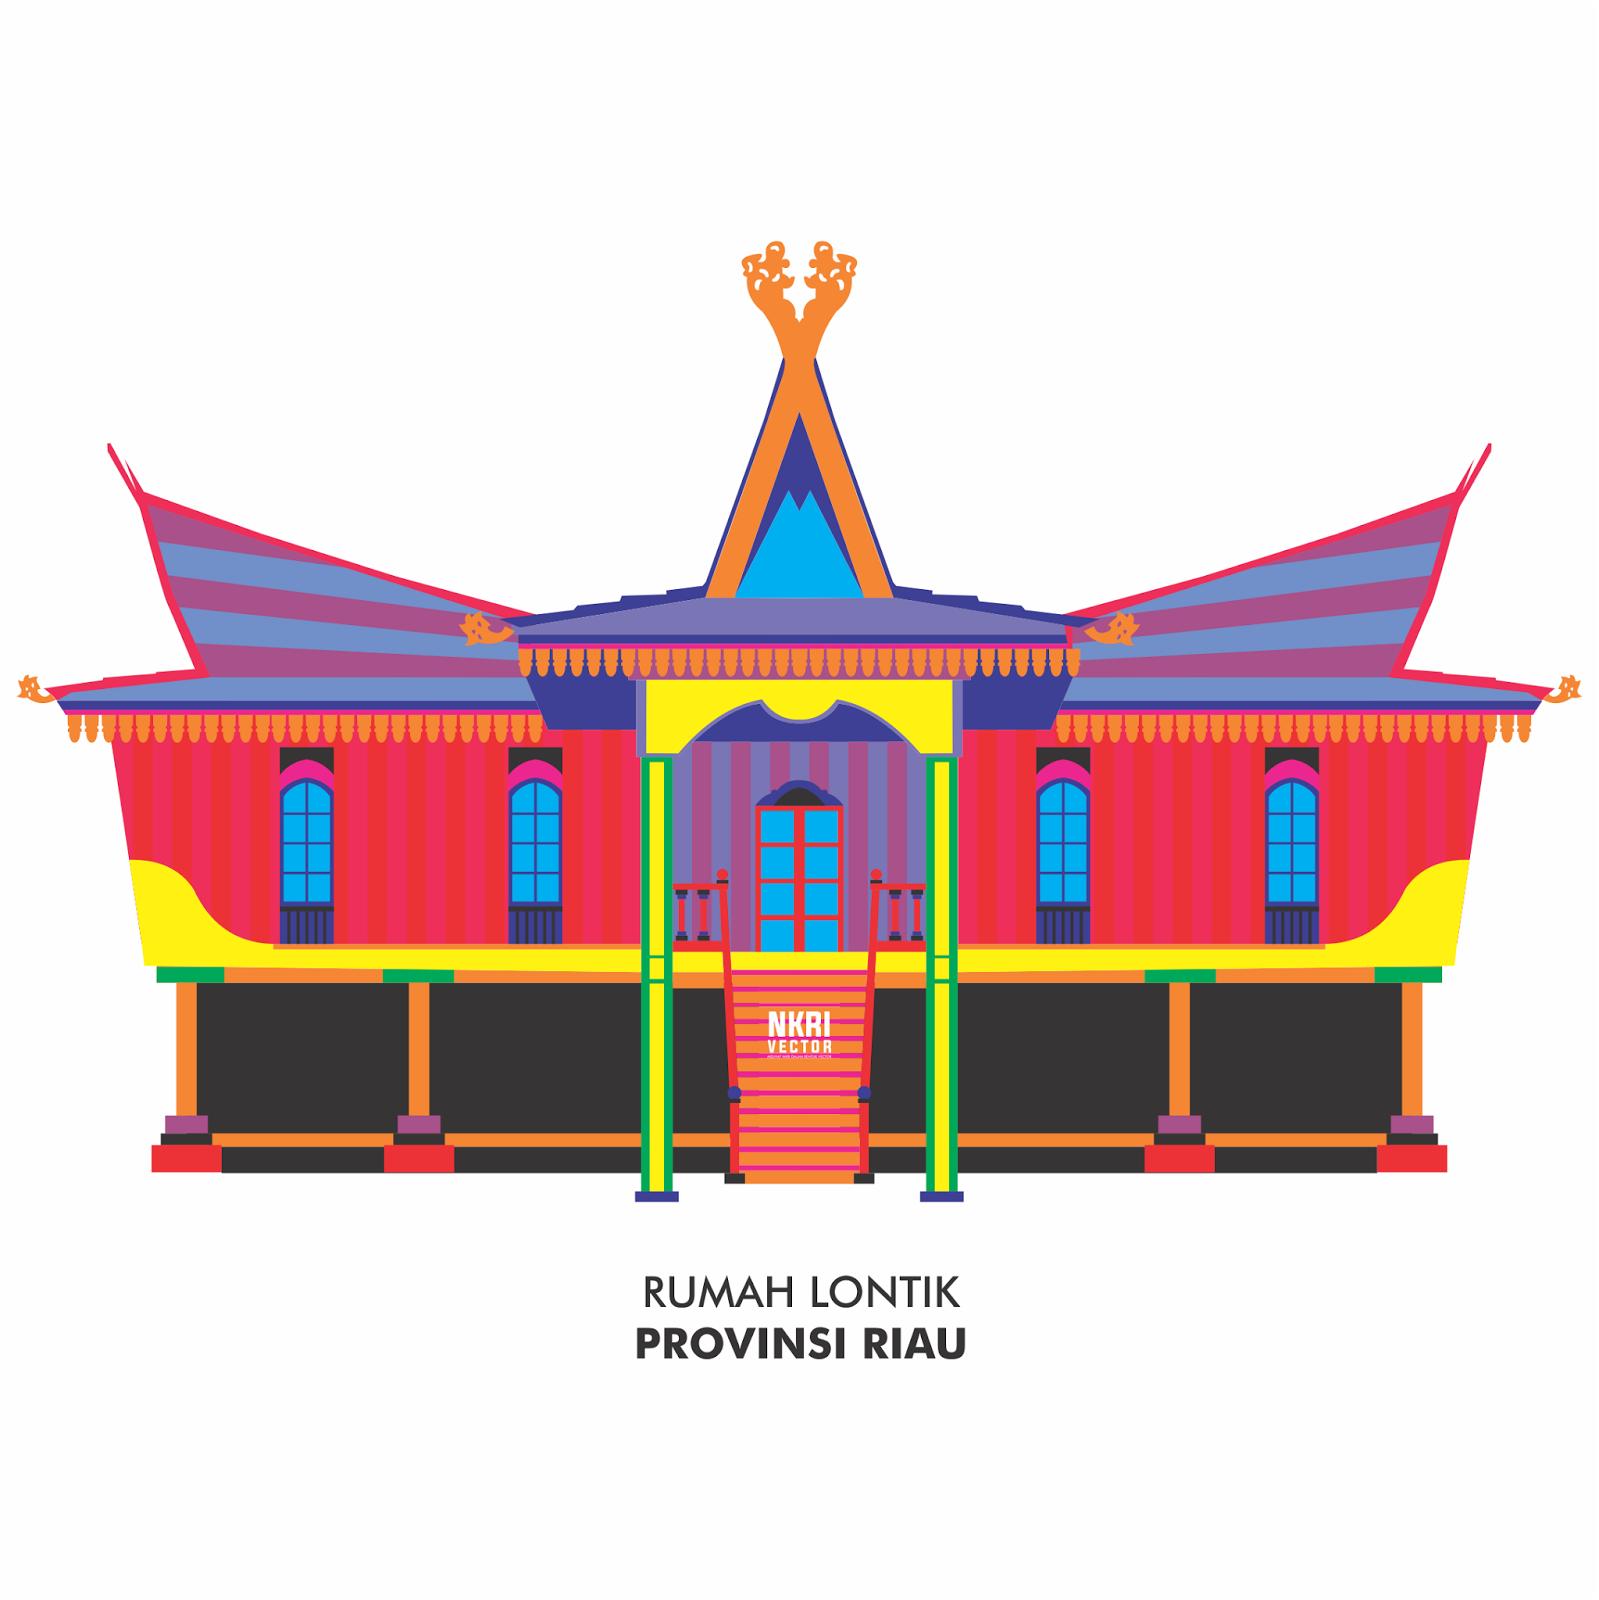 Mewarnai Gambar Rumah Adat Sumatera Barat Mewarnai Gambar